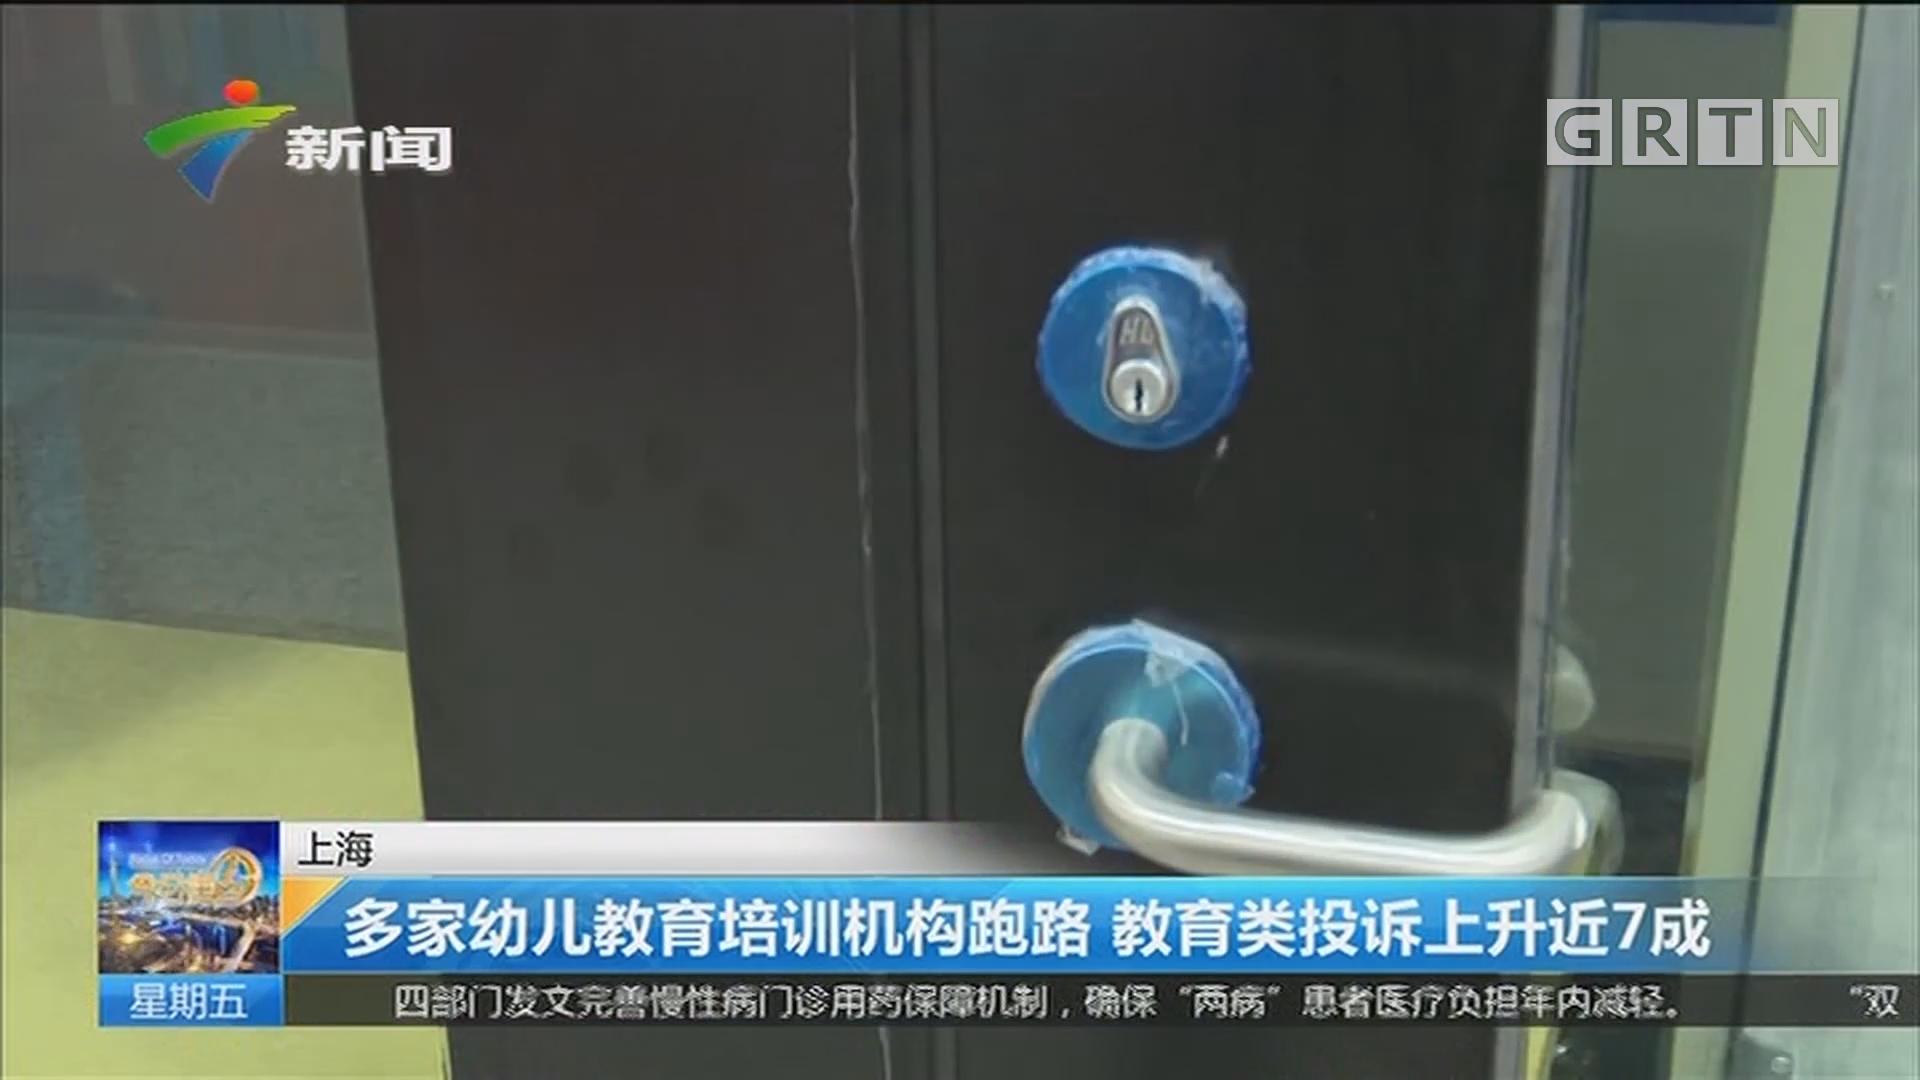 上海:多家幼儿教育培训机构跑路 教育类投诉上升近7成